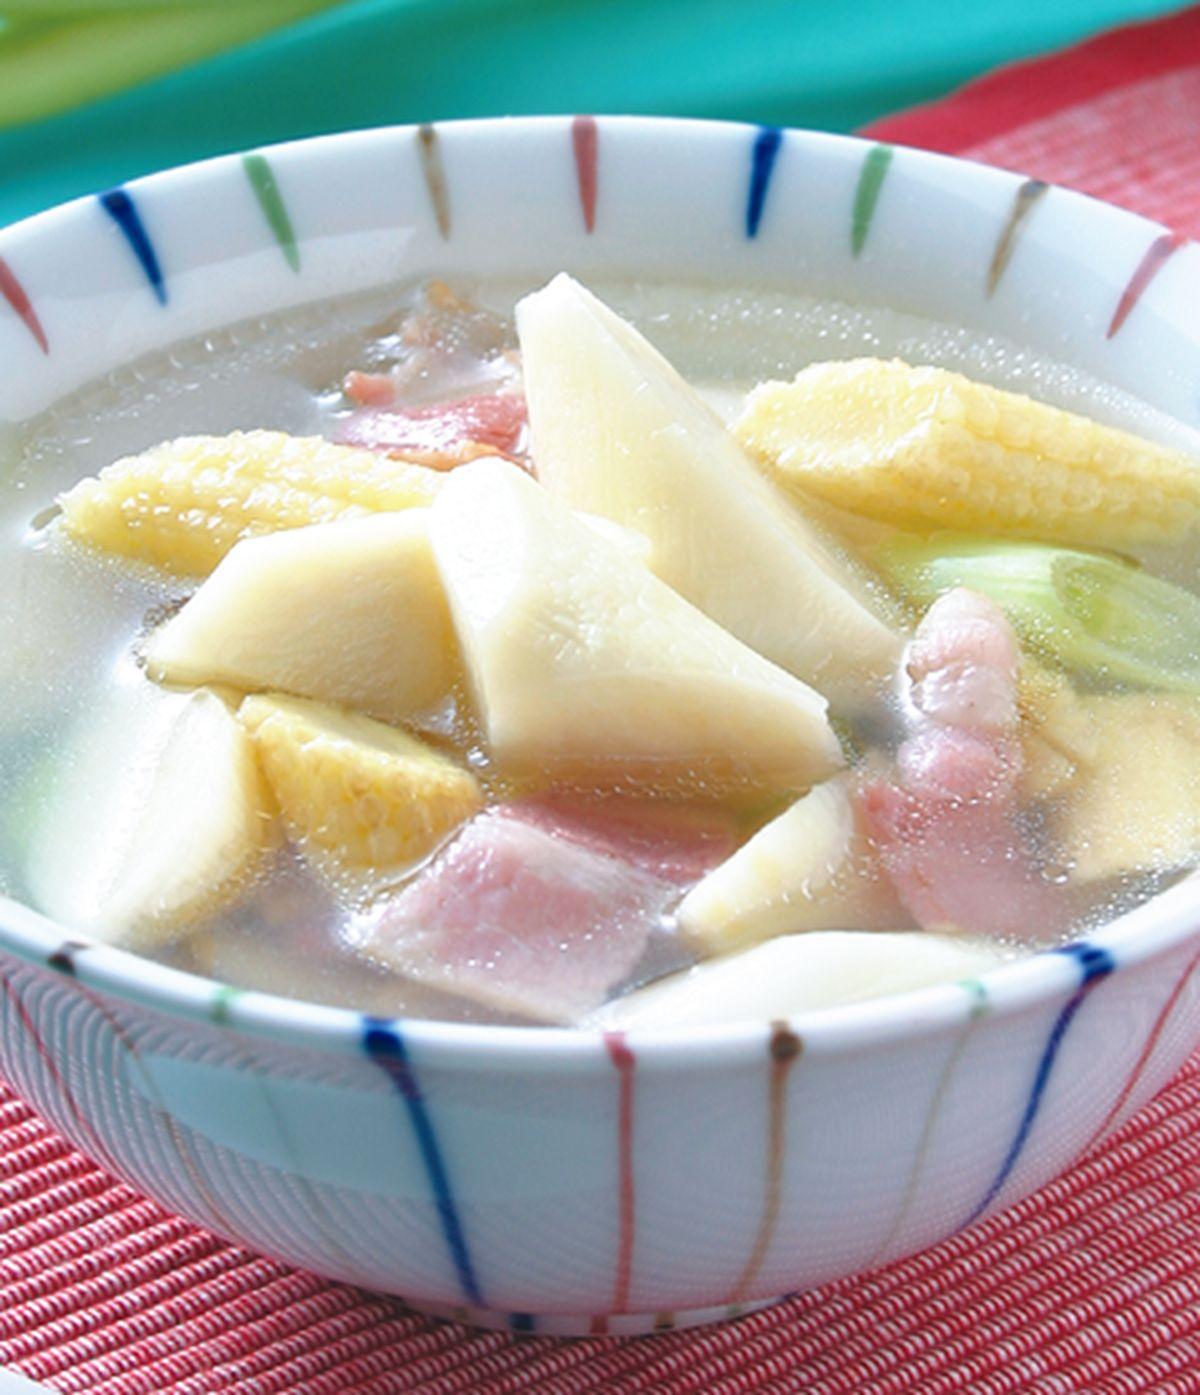 食譜:筊白玉筍培根湯